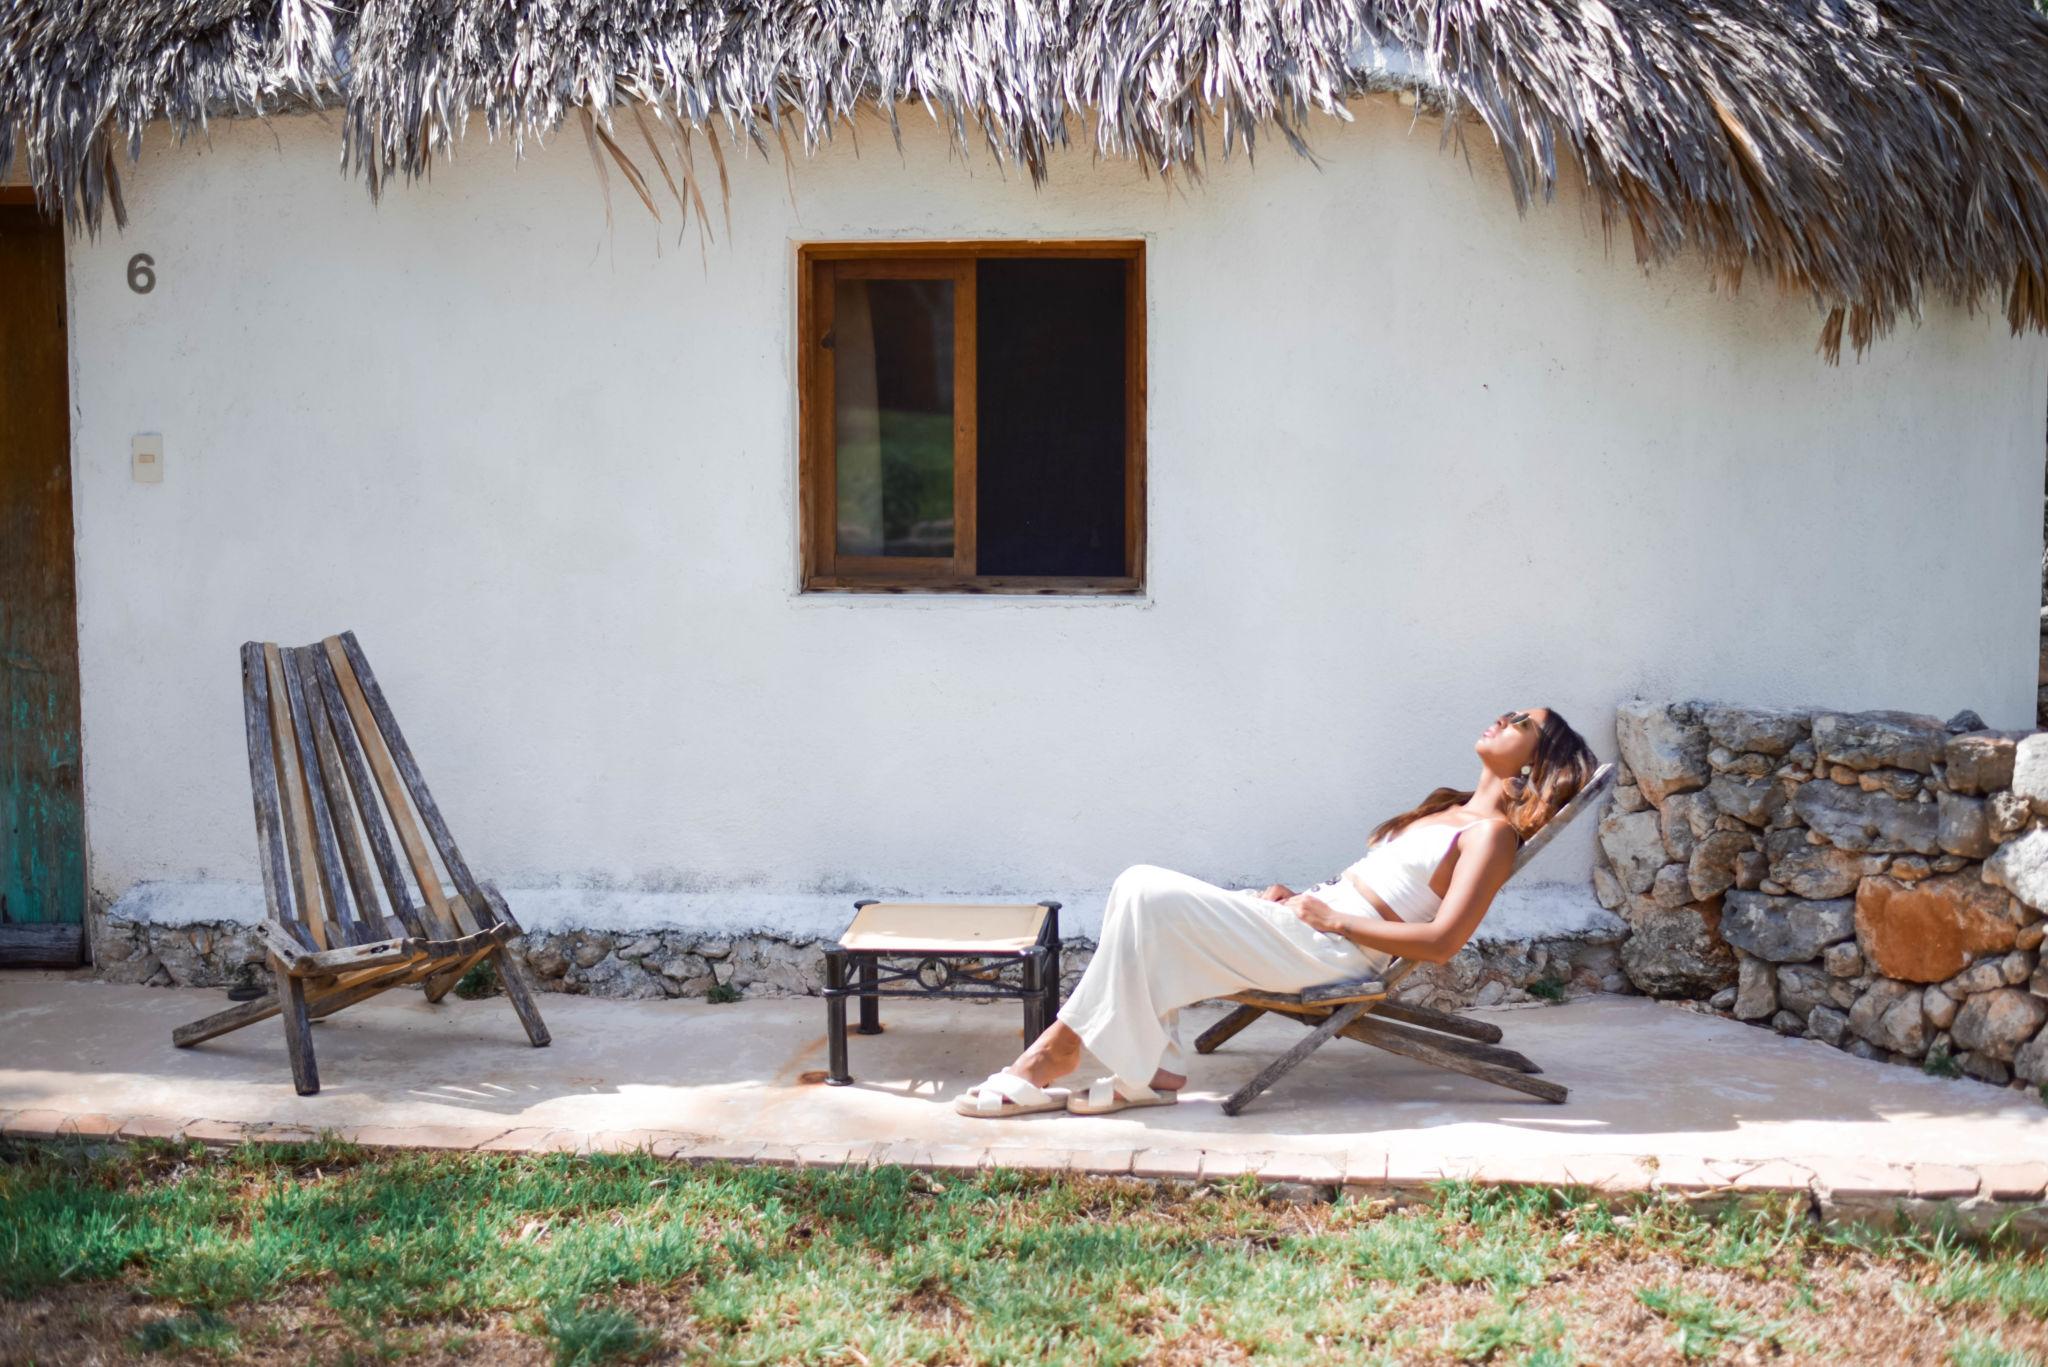 hôtel hacienda ticum à Merida, Mexique